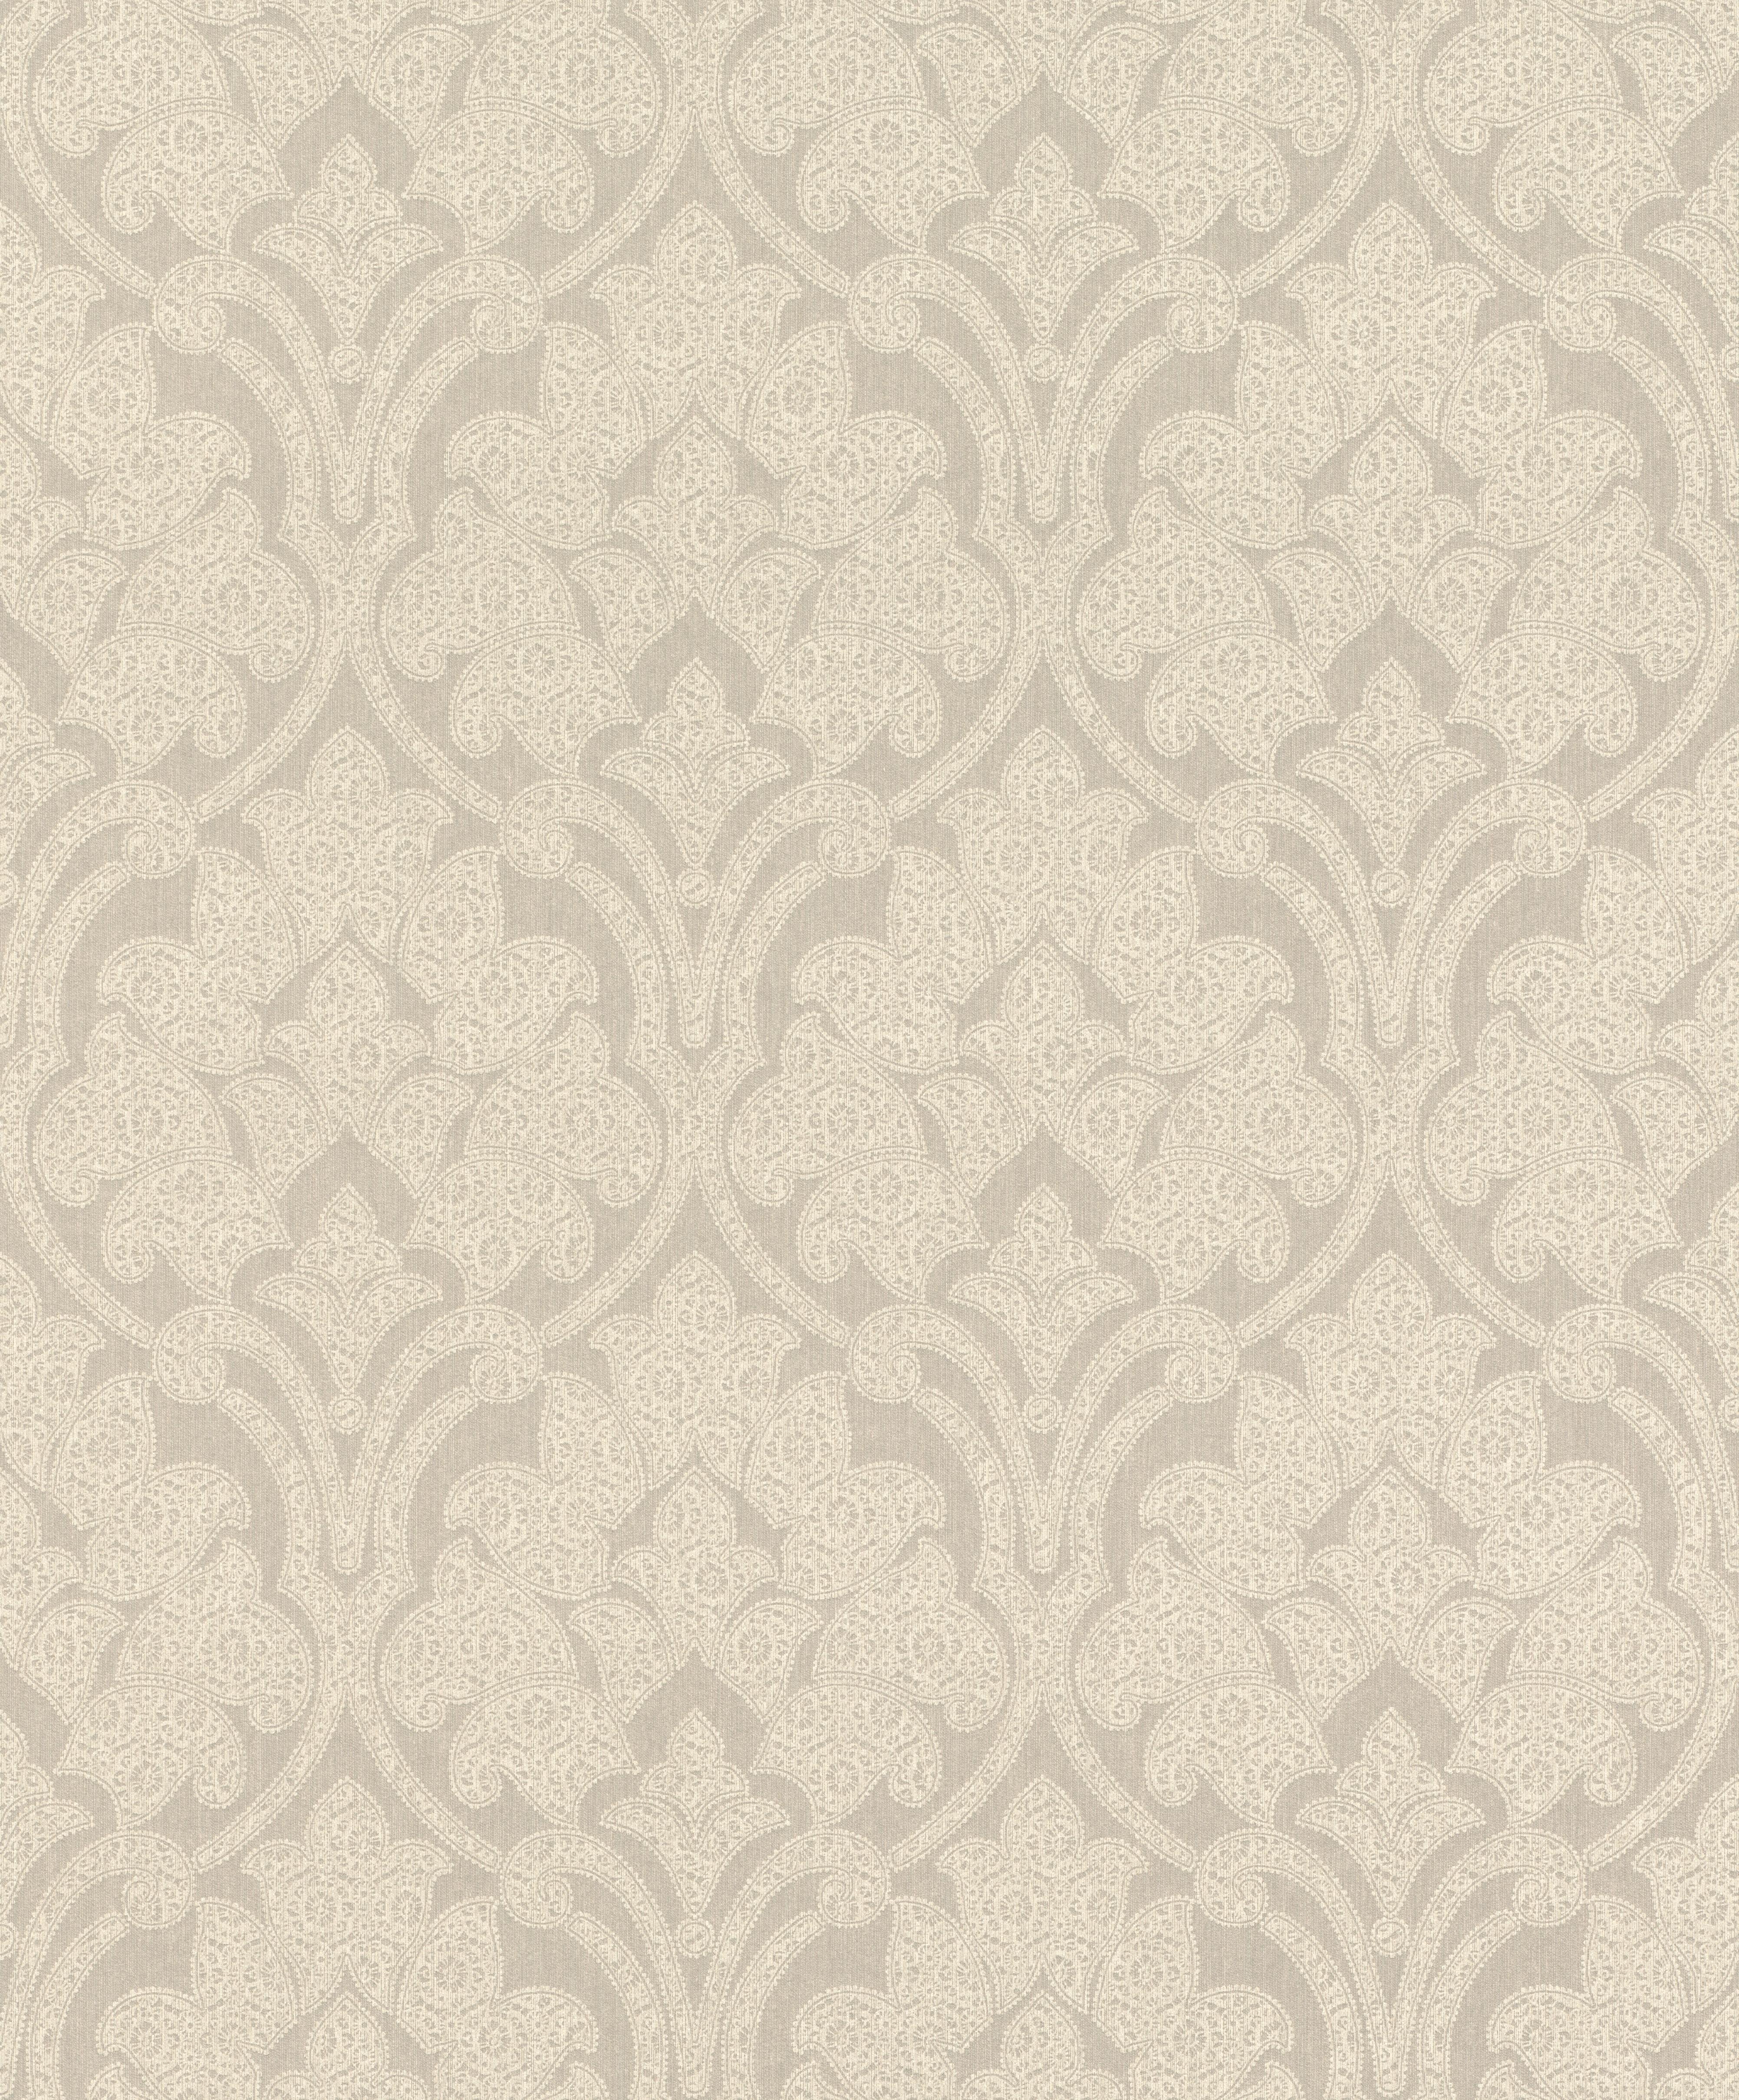 Barokk mintás tapéta